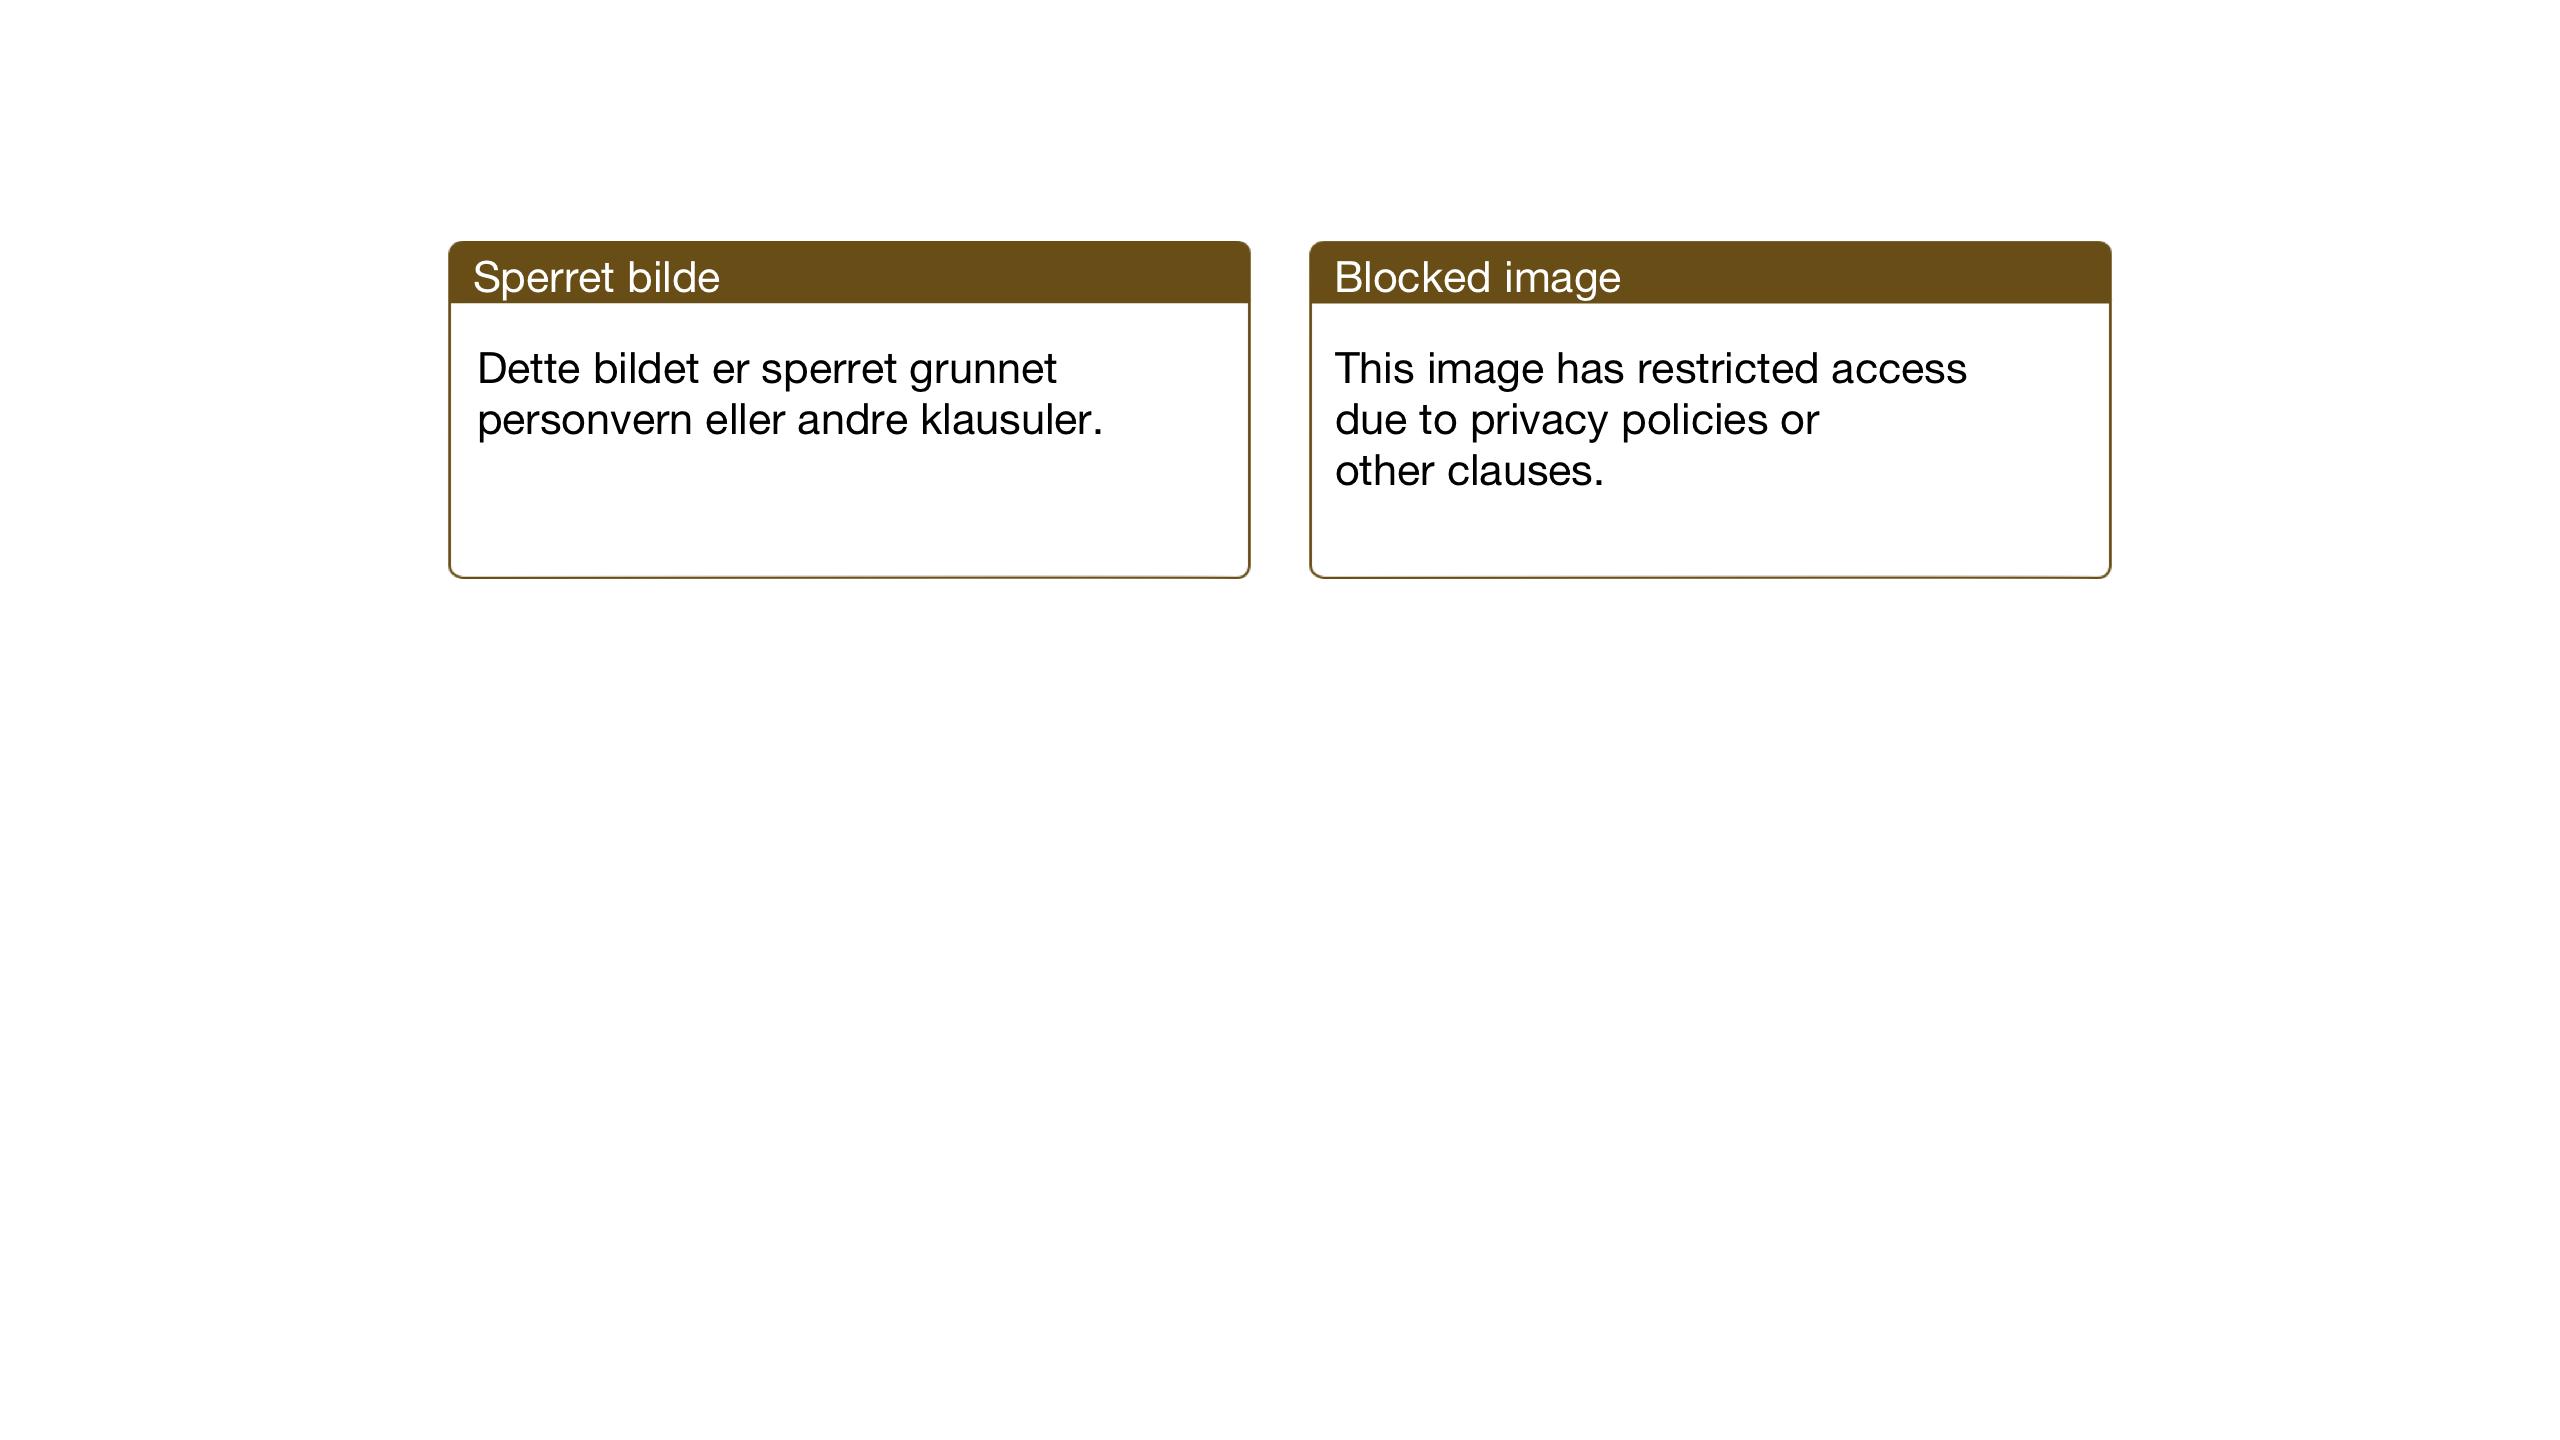 SAT, Ministerialprotokoller, klokkerbøker og fødselsregistre - Nord-Trøndelag, 730/L0304: Klokkerbok nr. 730C07, 1934-1945, s. 18